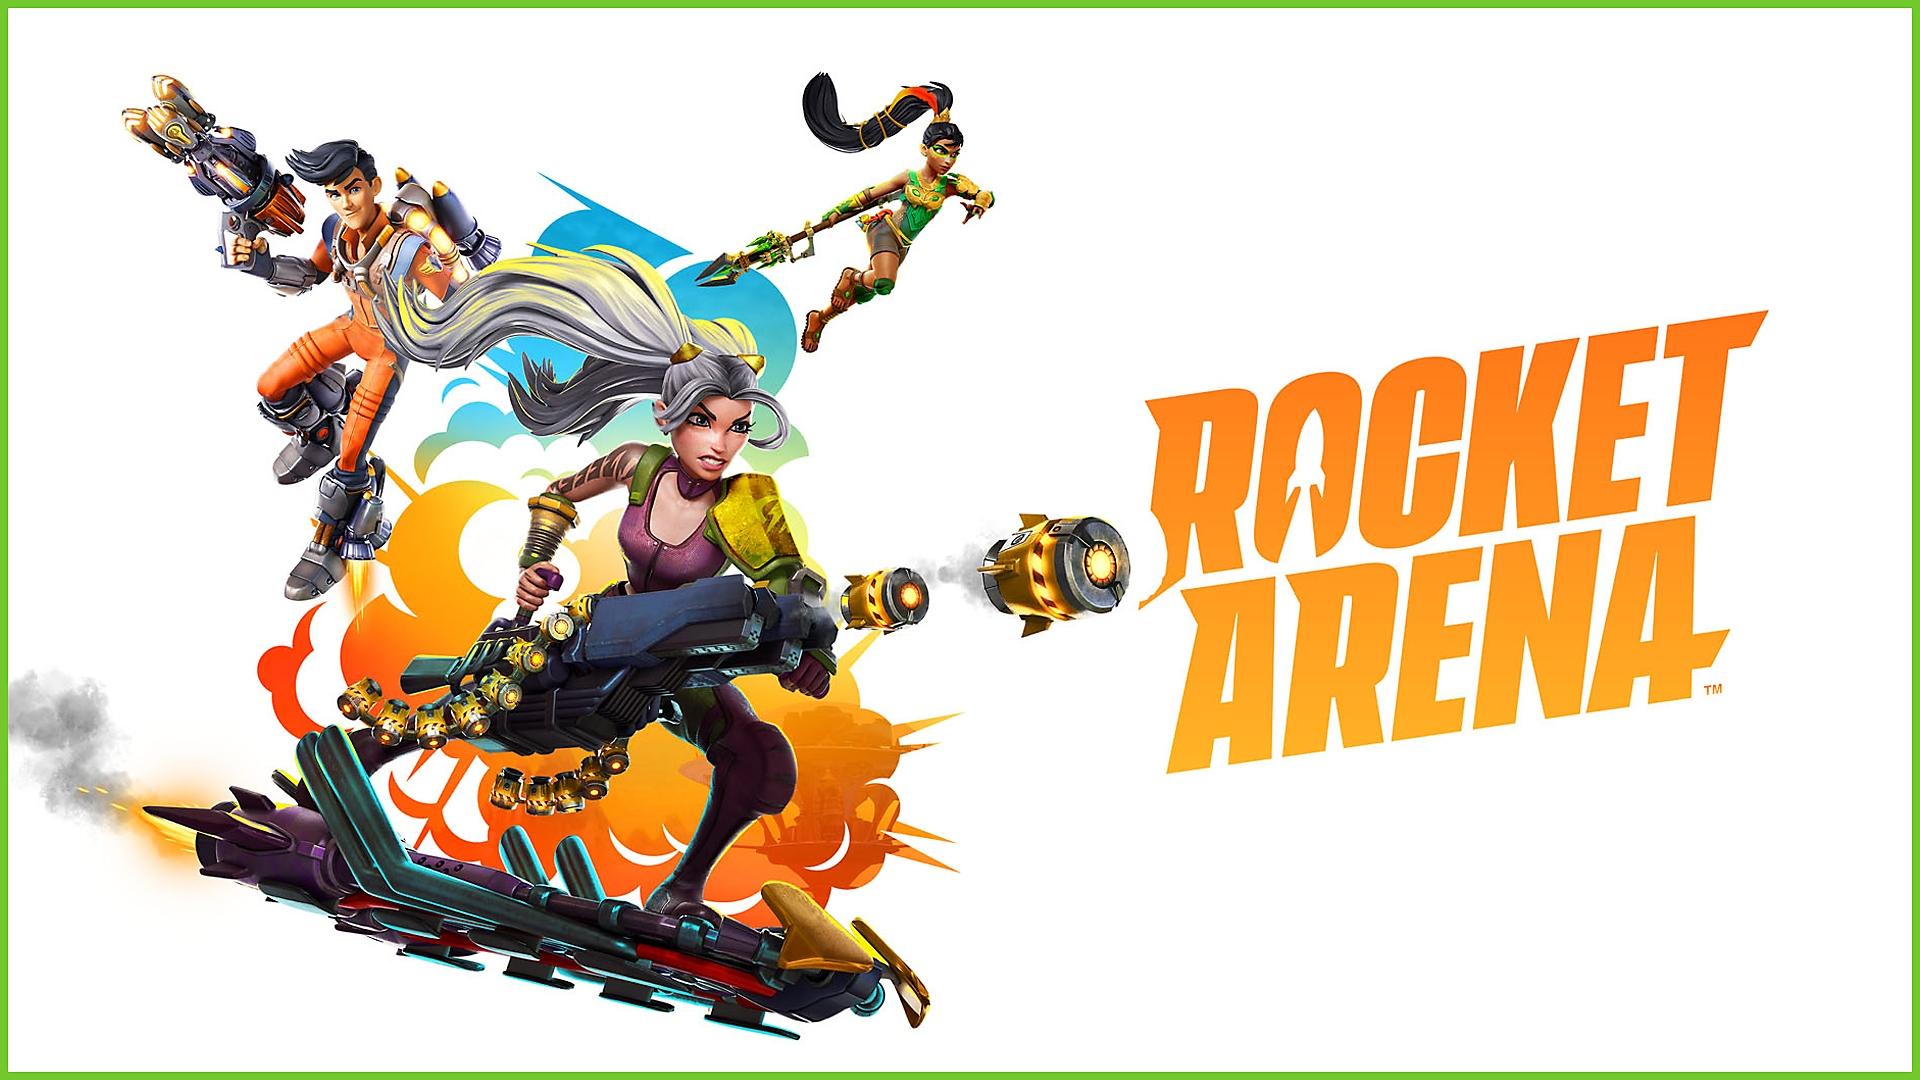 Rocket Arena - Officiële releasetrailer